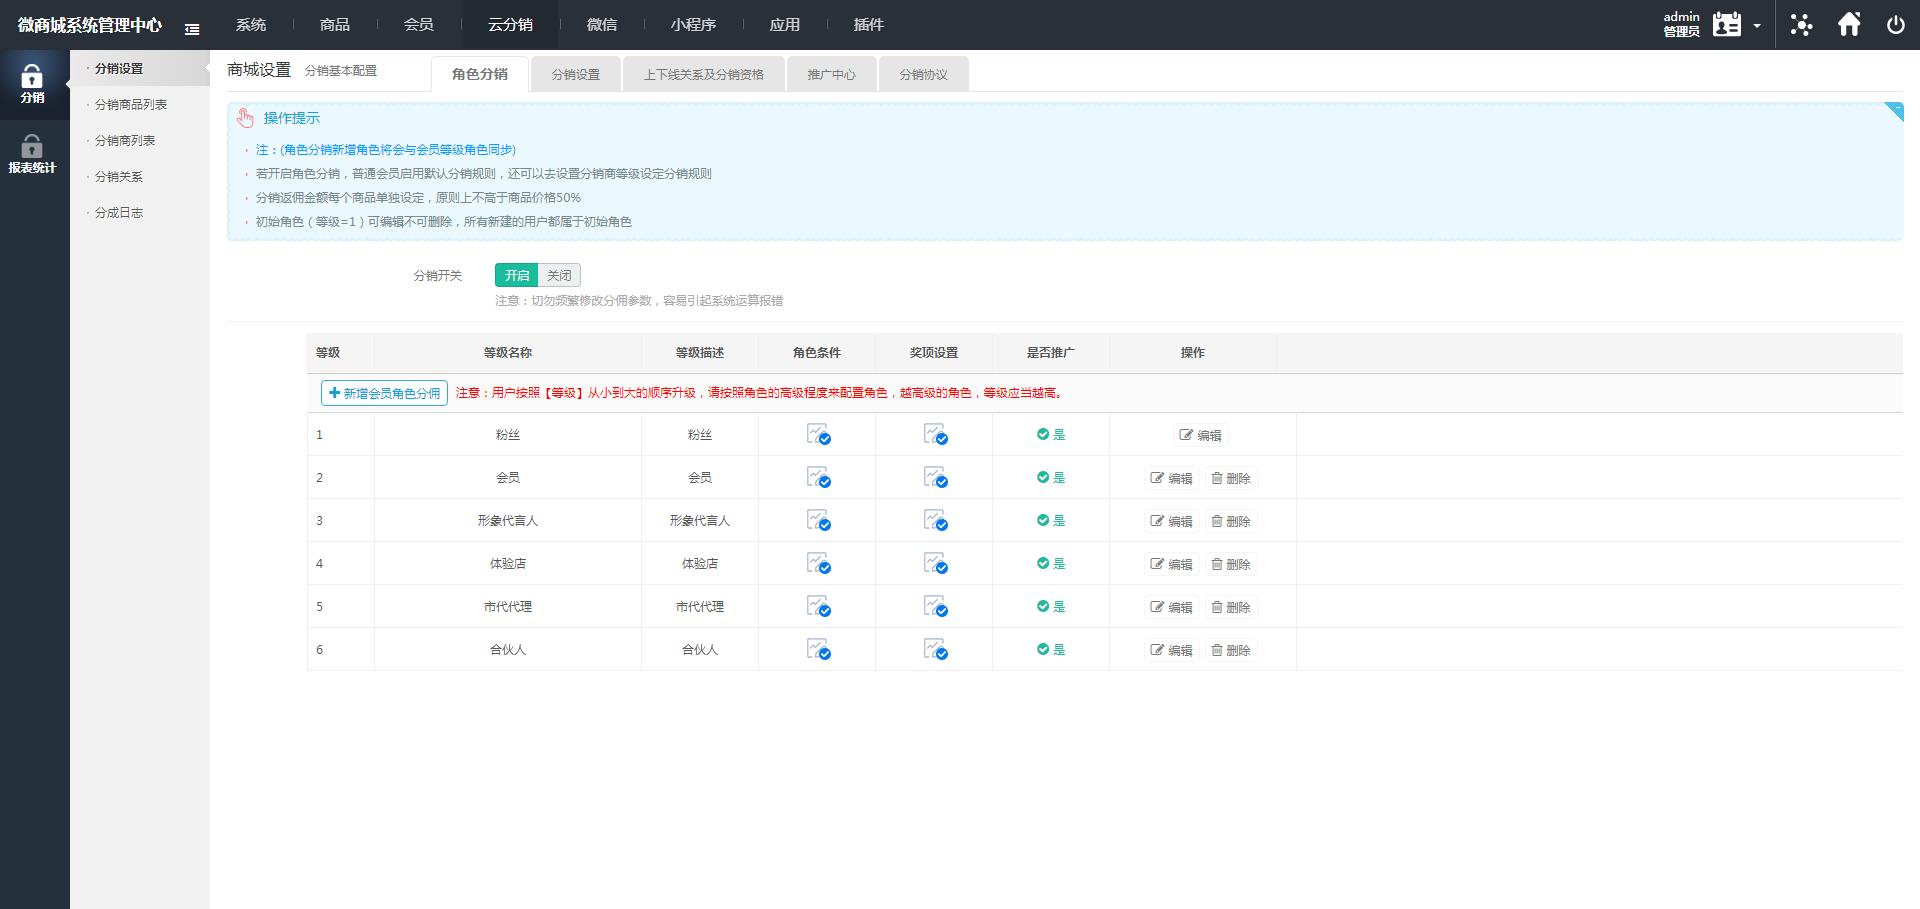 微商流通代理商业街源代码下载代理等级和升级条件插图2